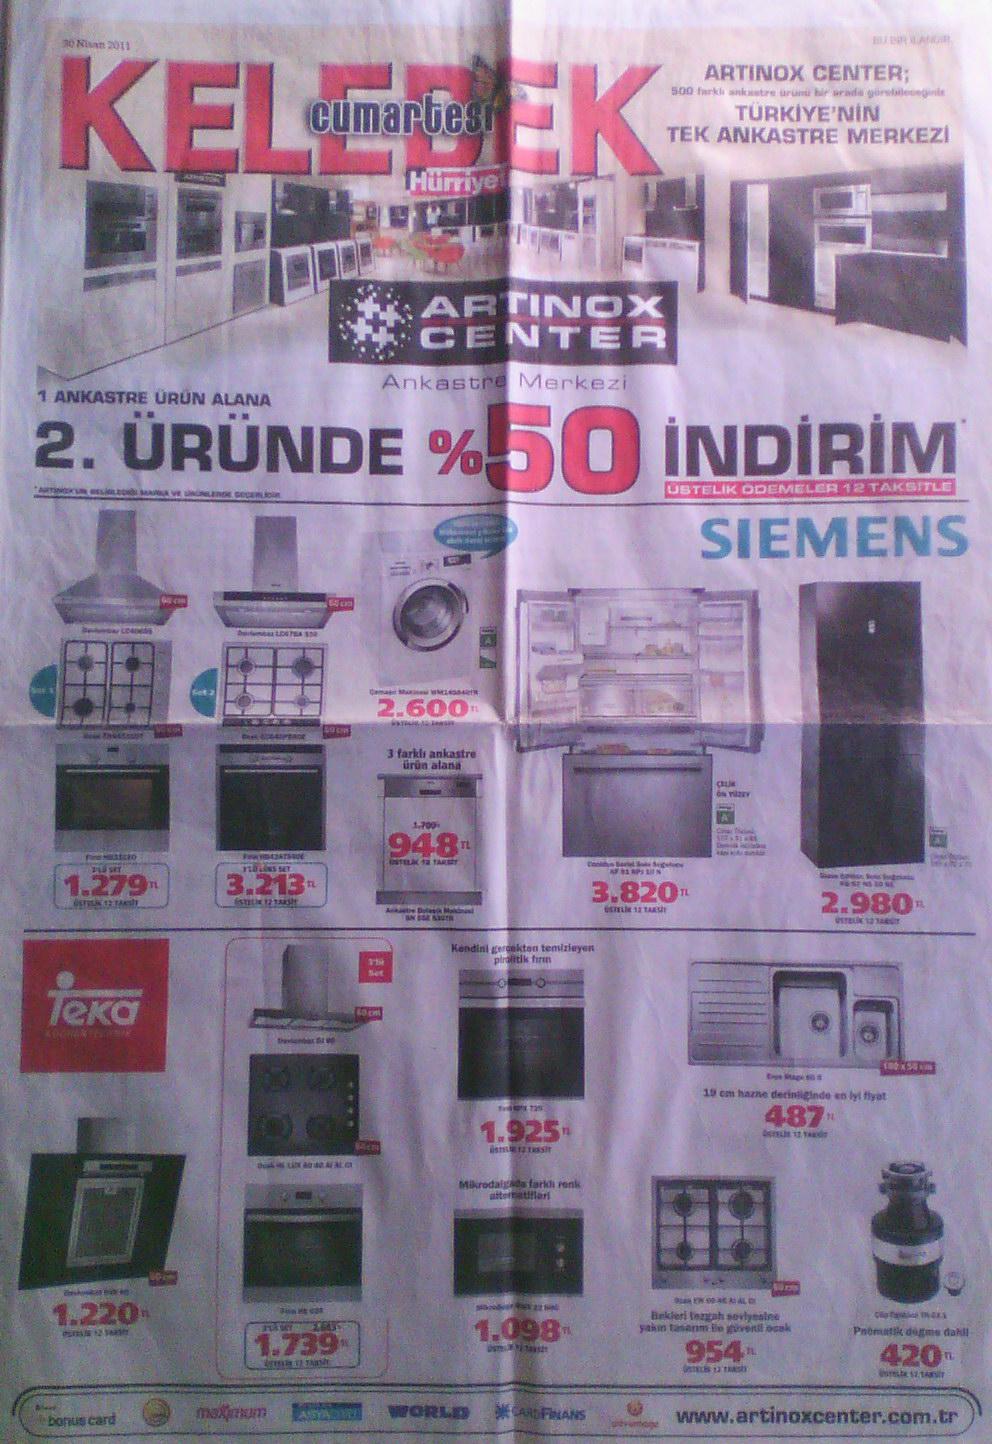 Kelebek eki sayfa 1/2 - 30/04/2011